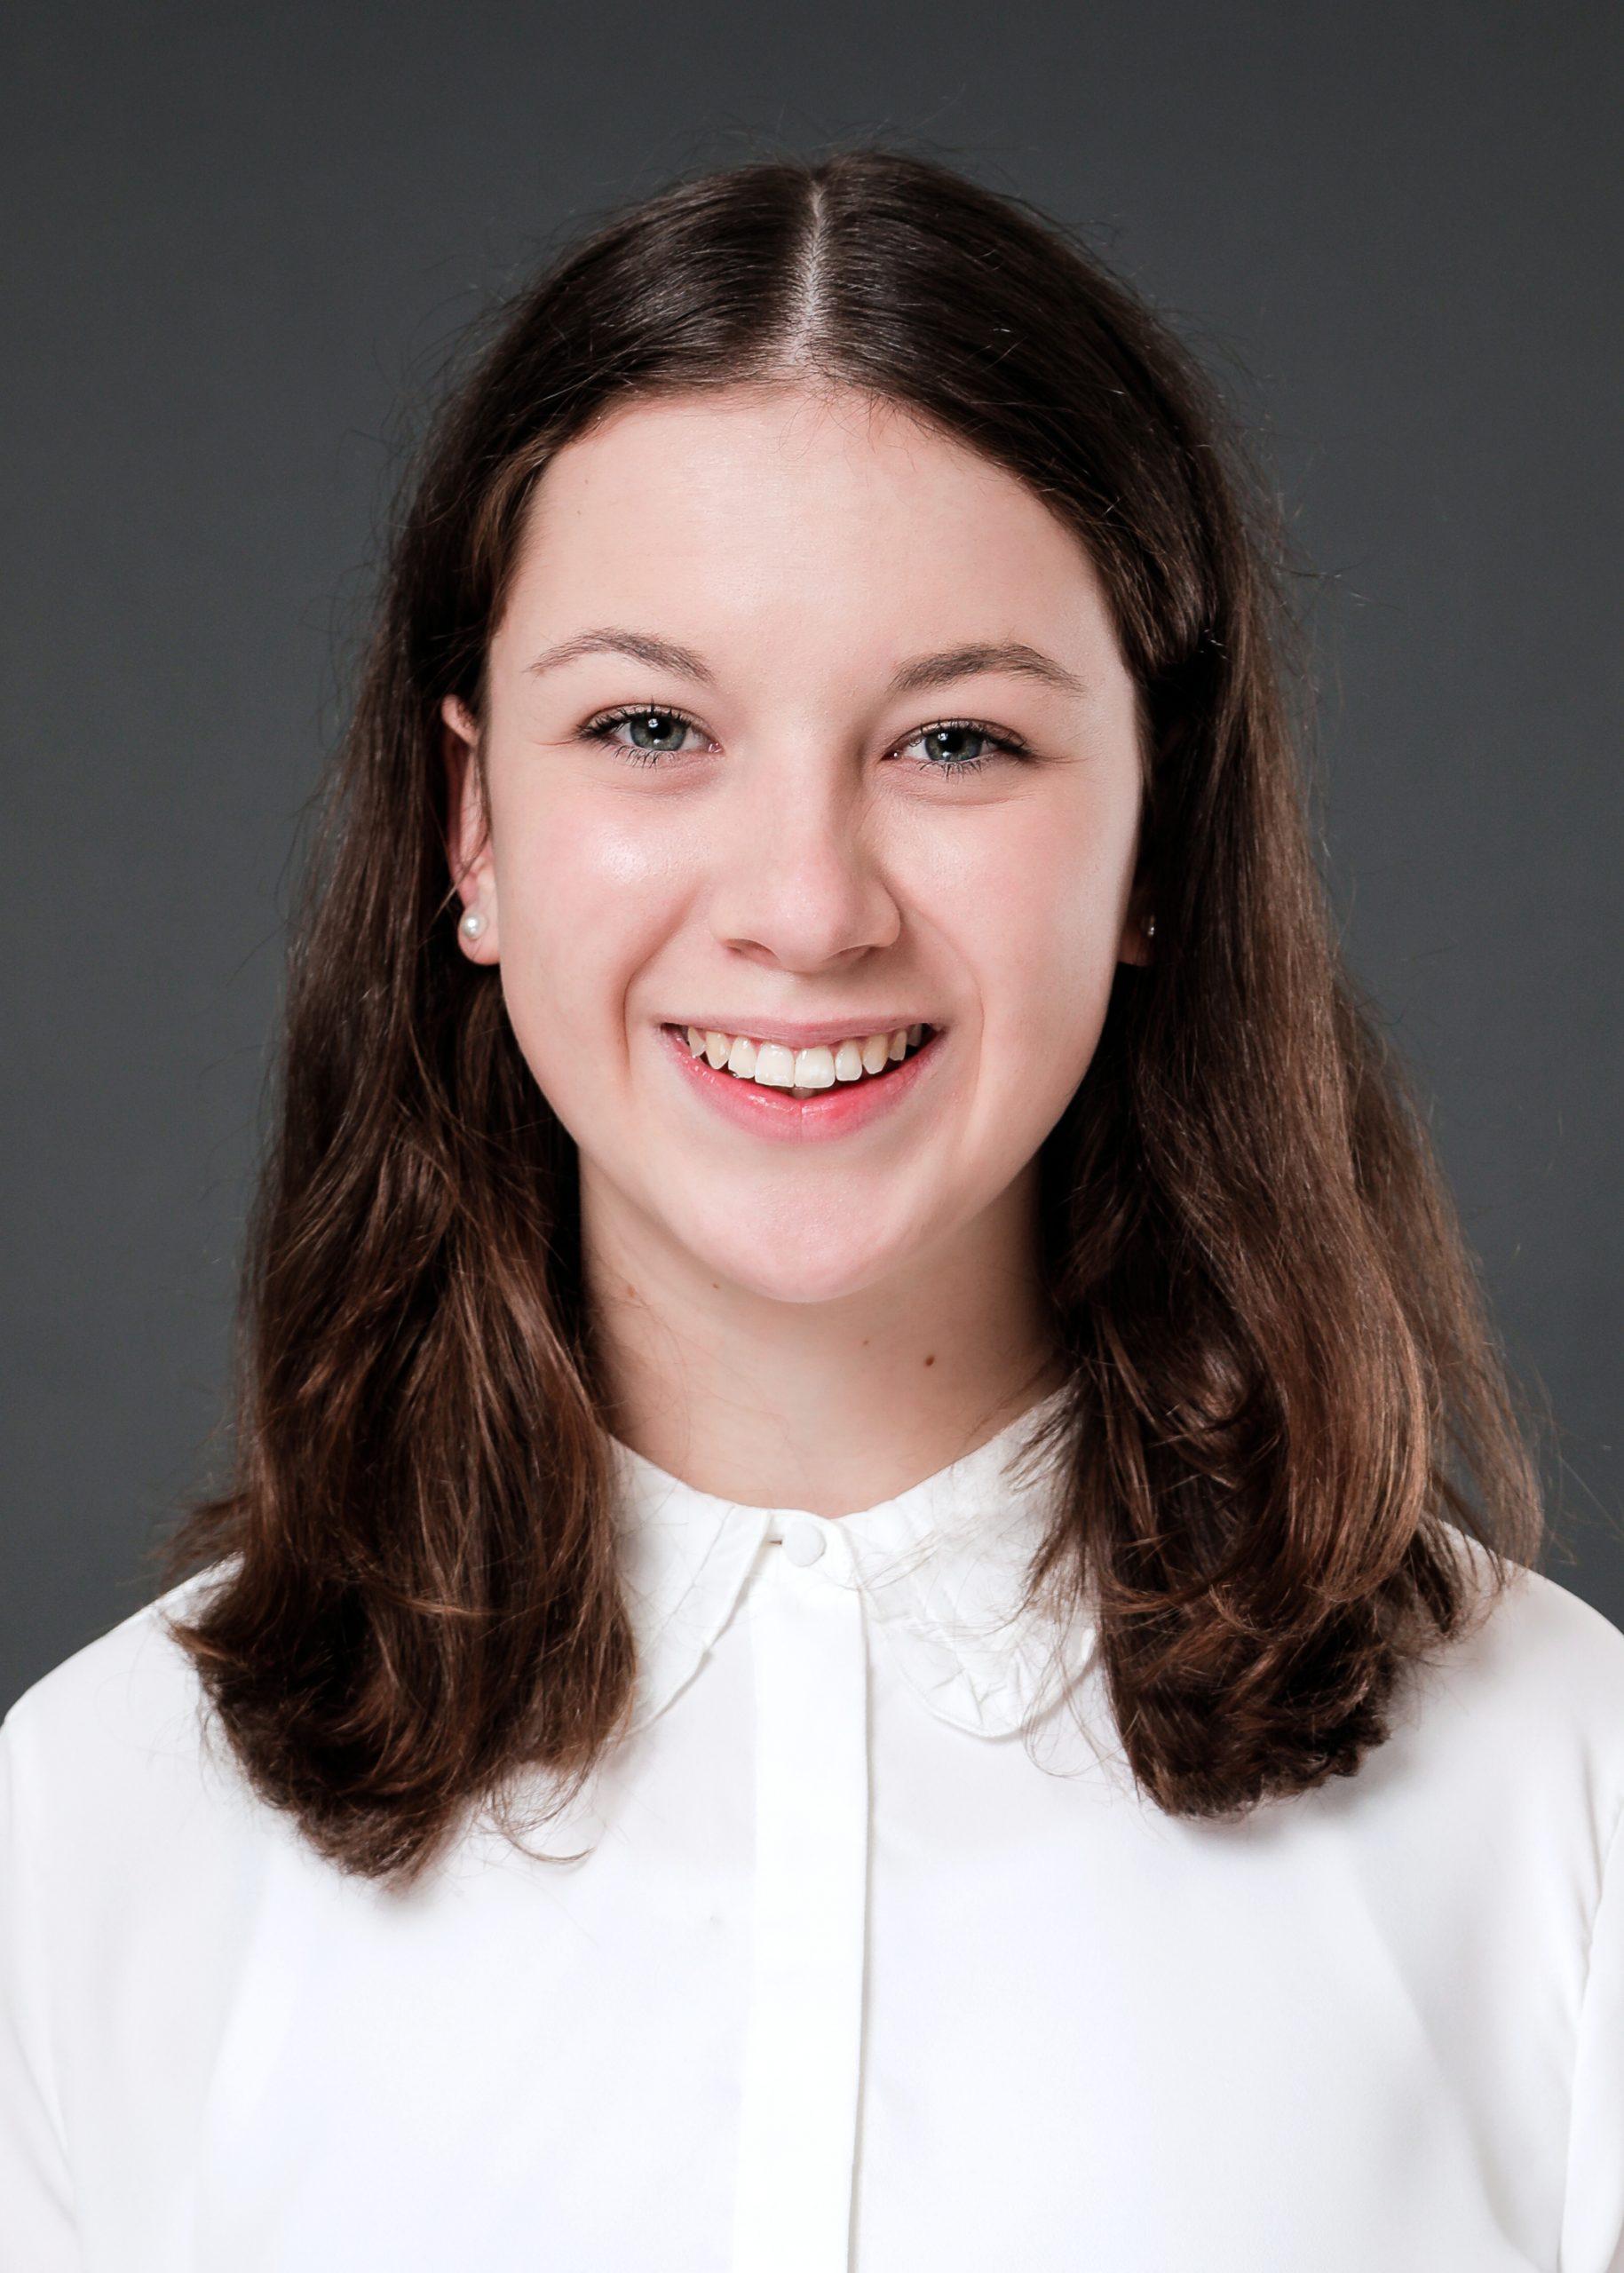 Vanessa Zatti